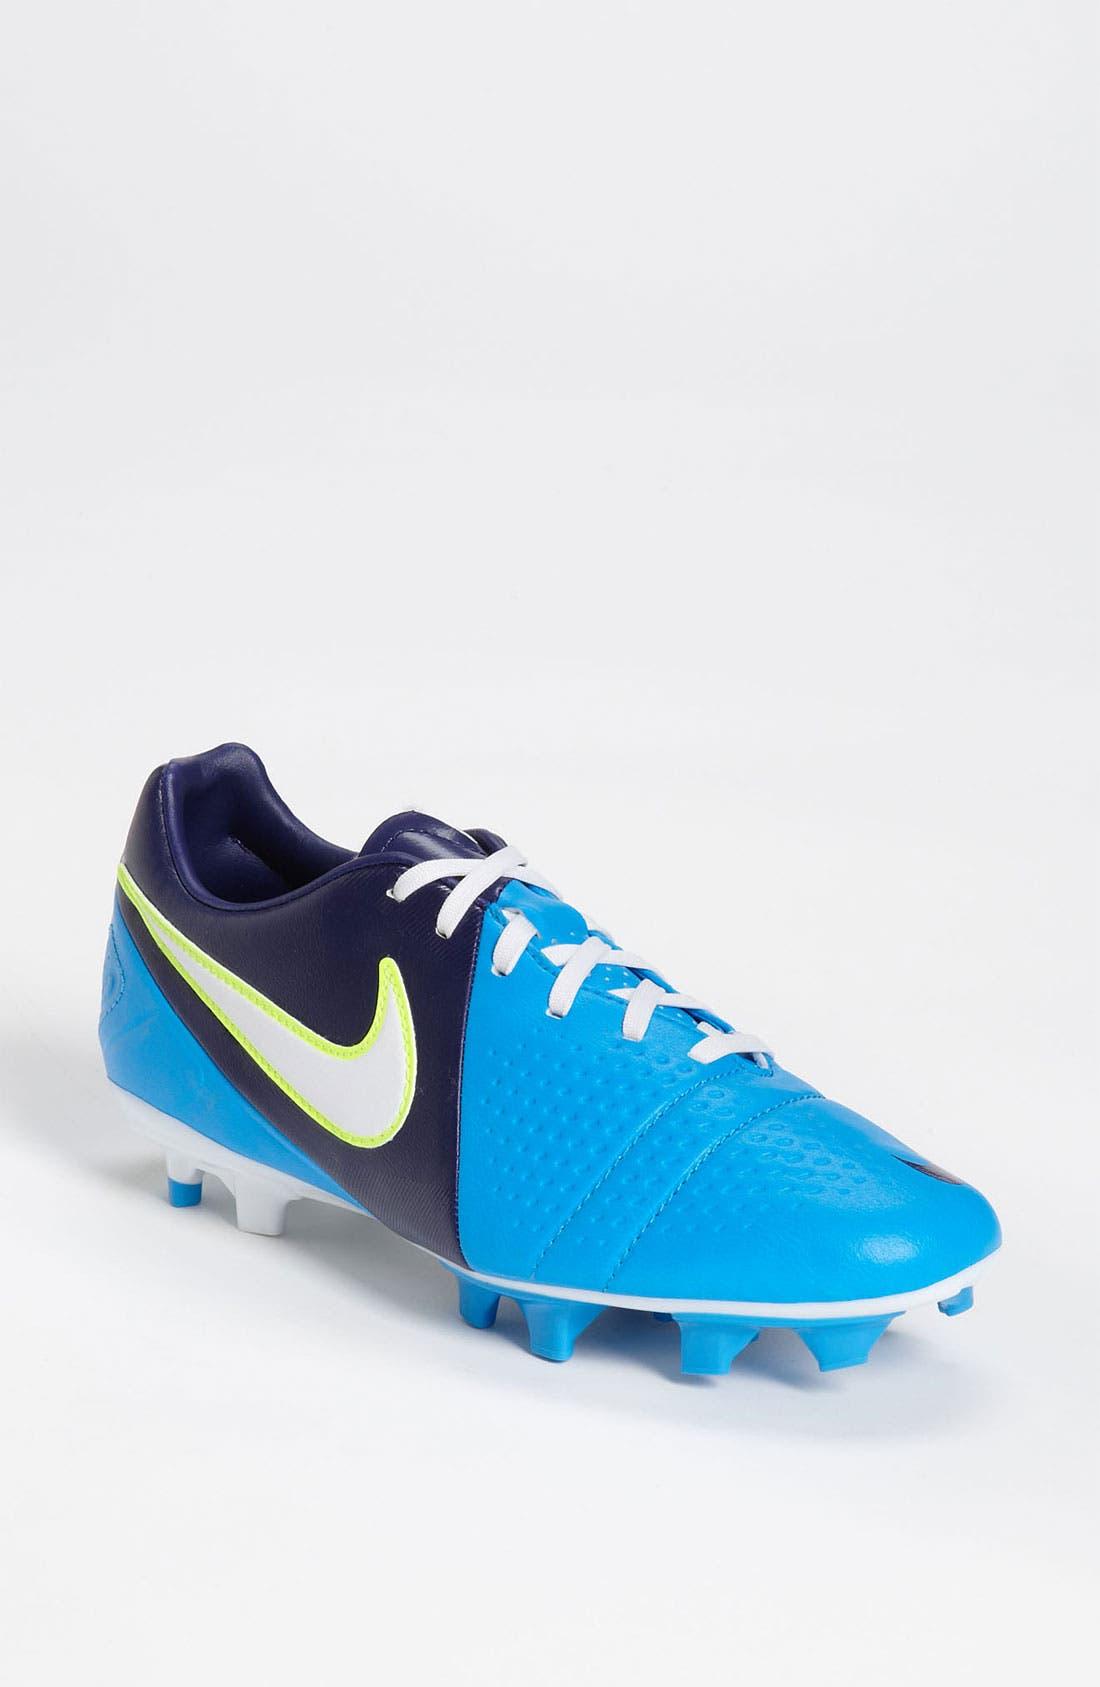 Main Image - Nike 'CTR360 Libretto 111' Soccer Shoe (Women)